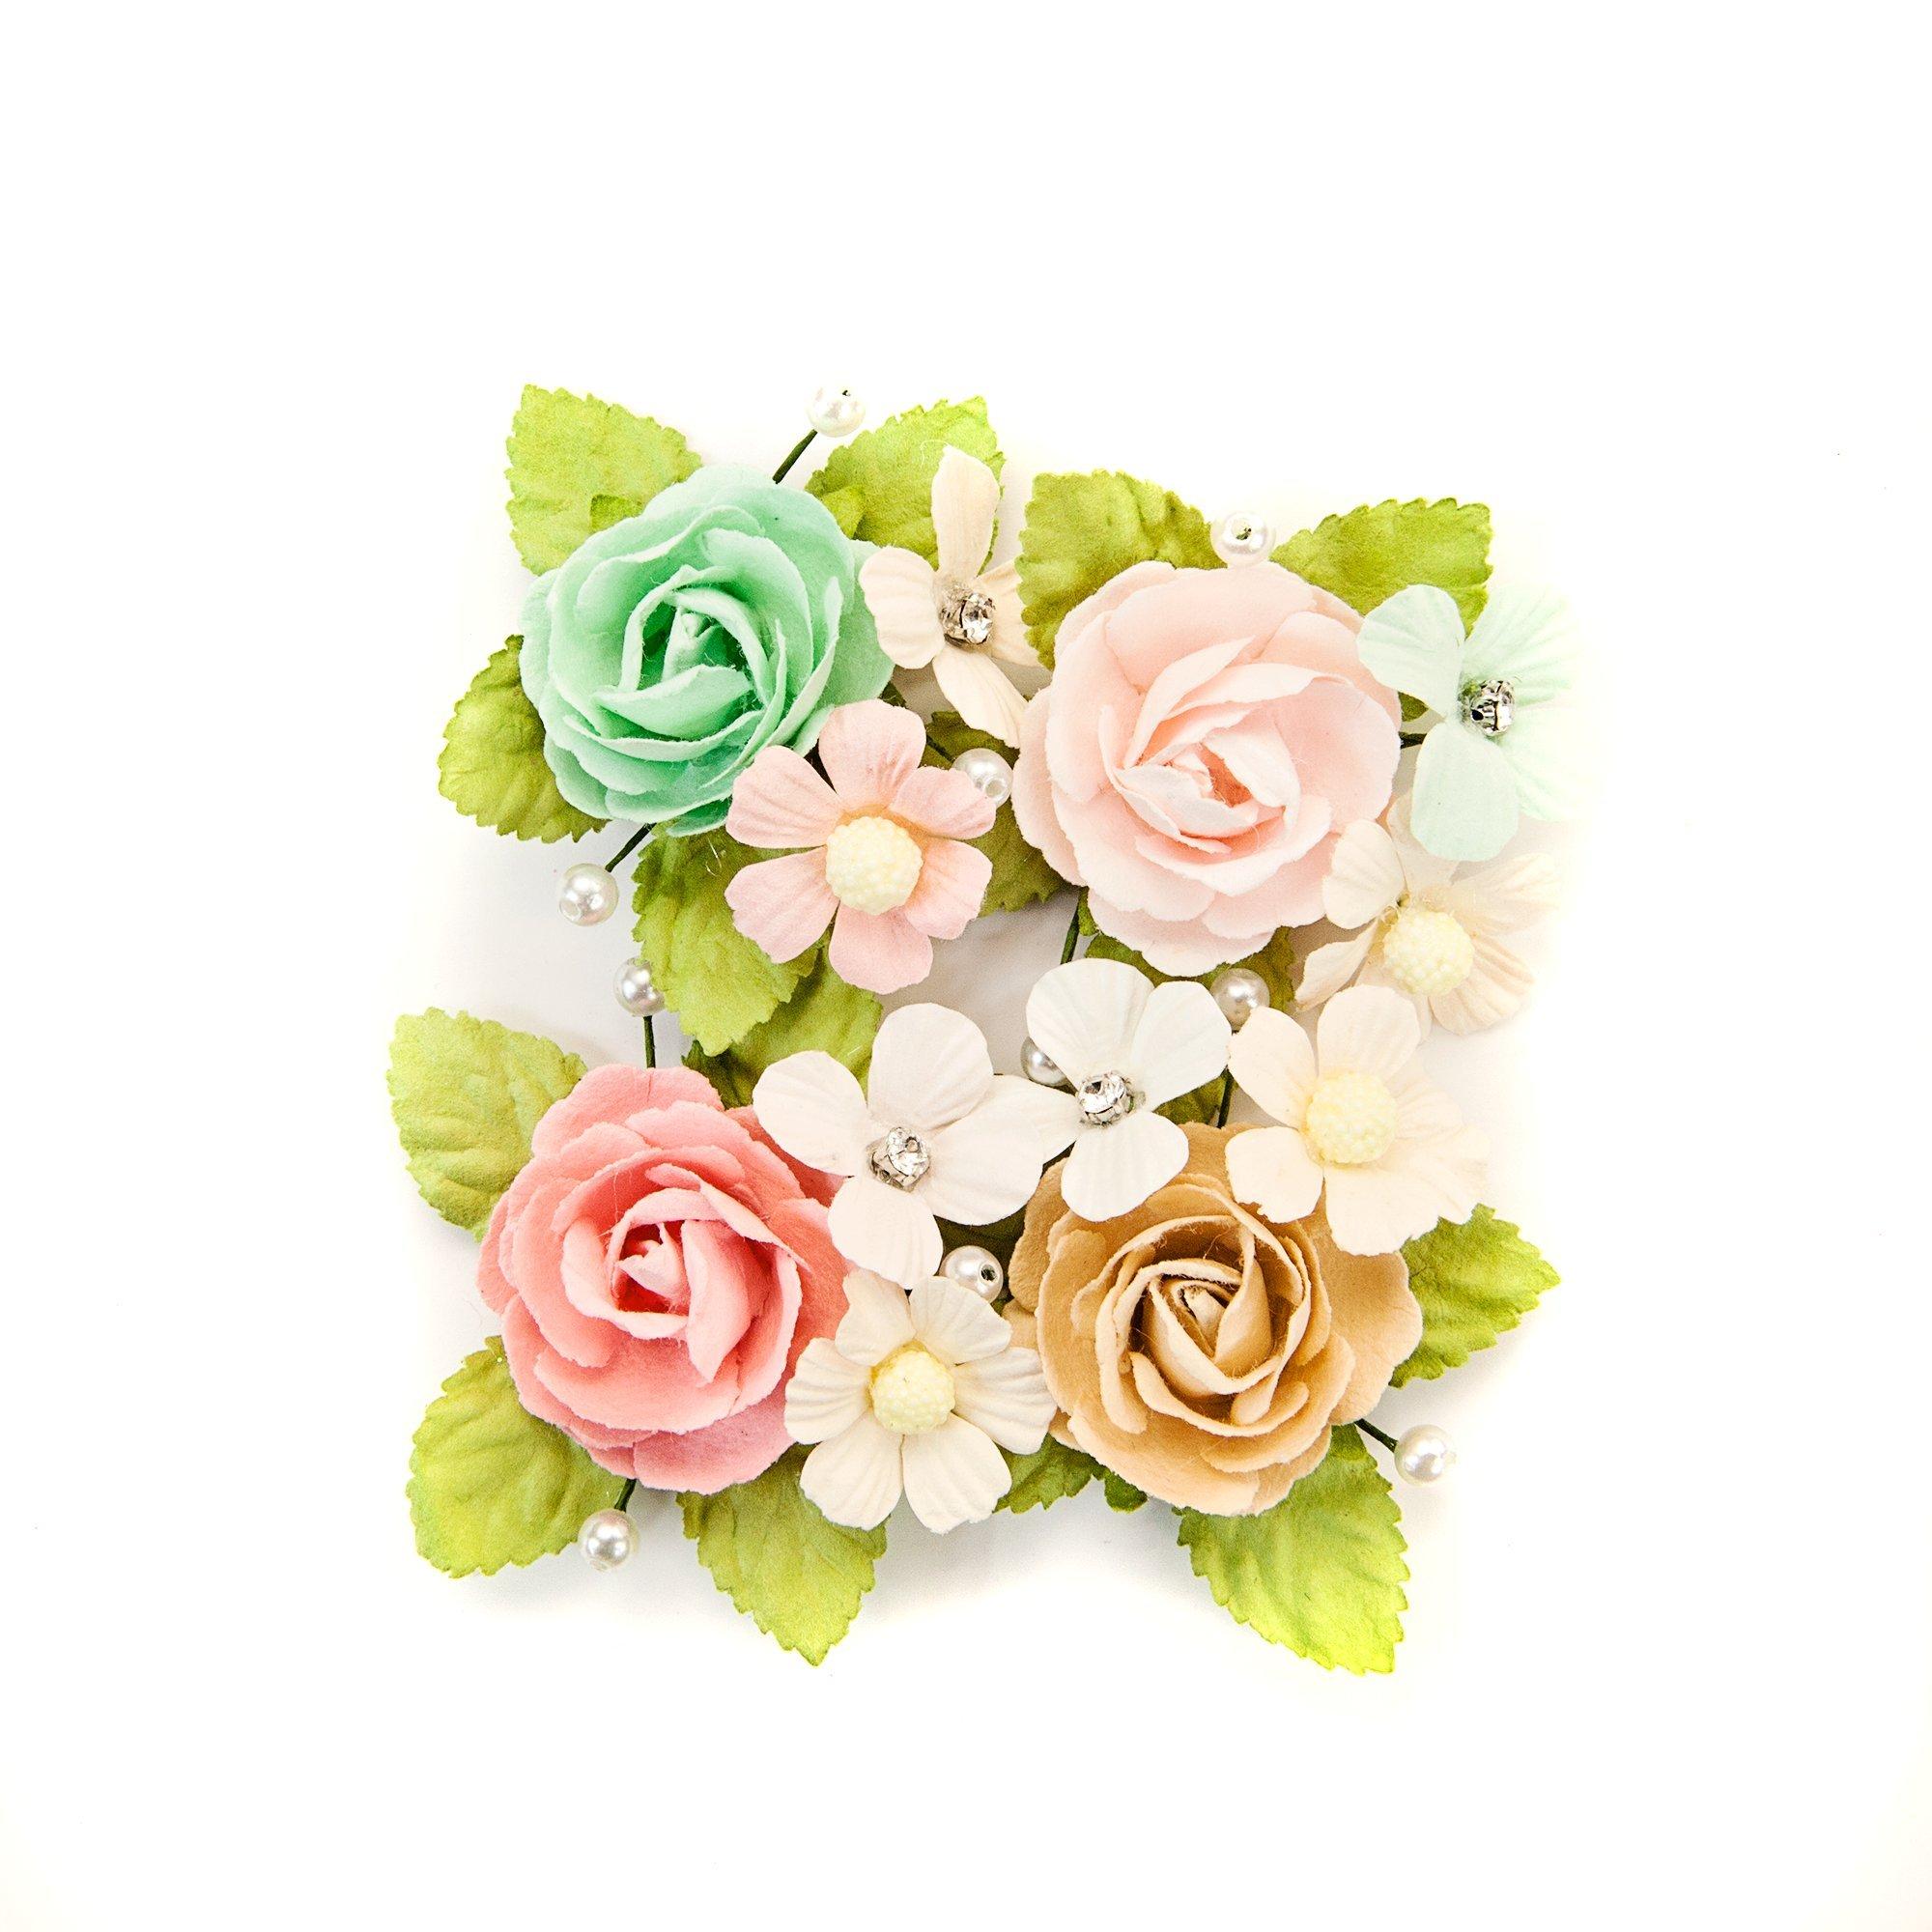 Prima Marketing Inc. 634643 Misty Rose Flowers Multicolor